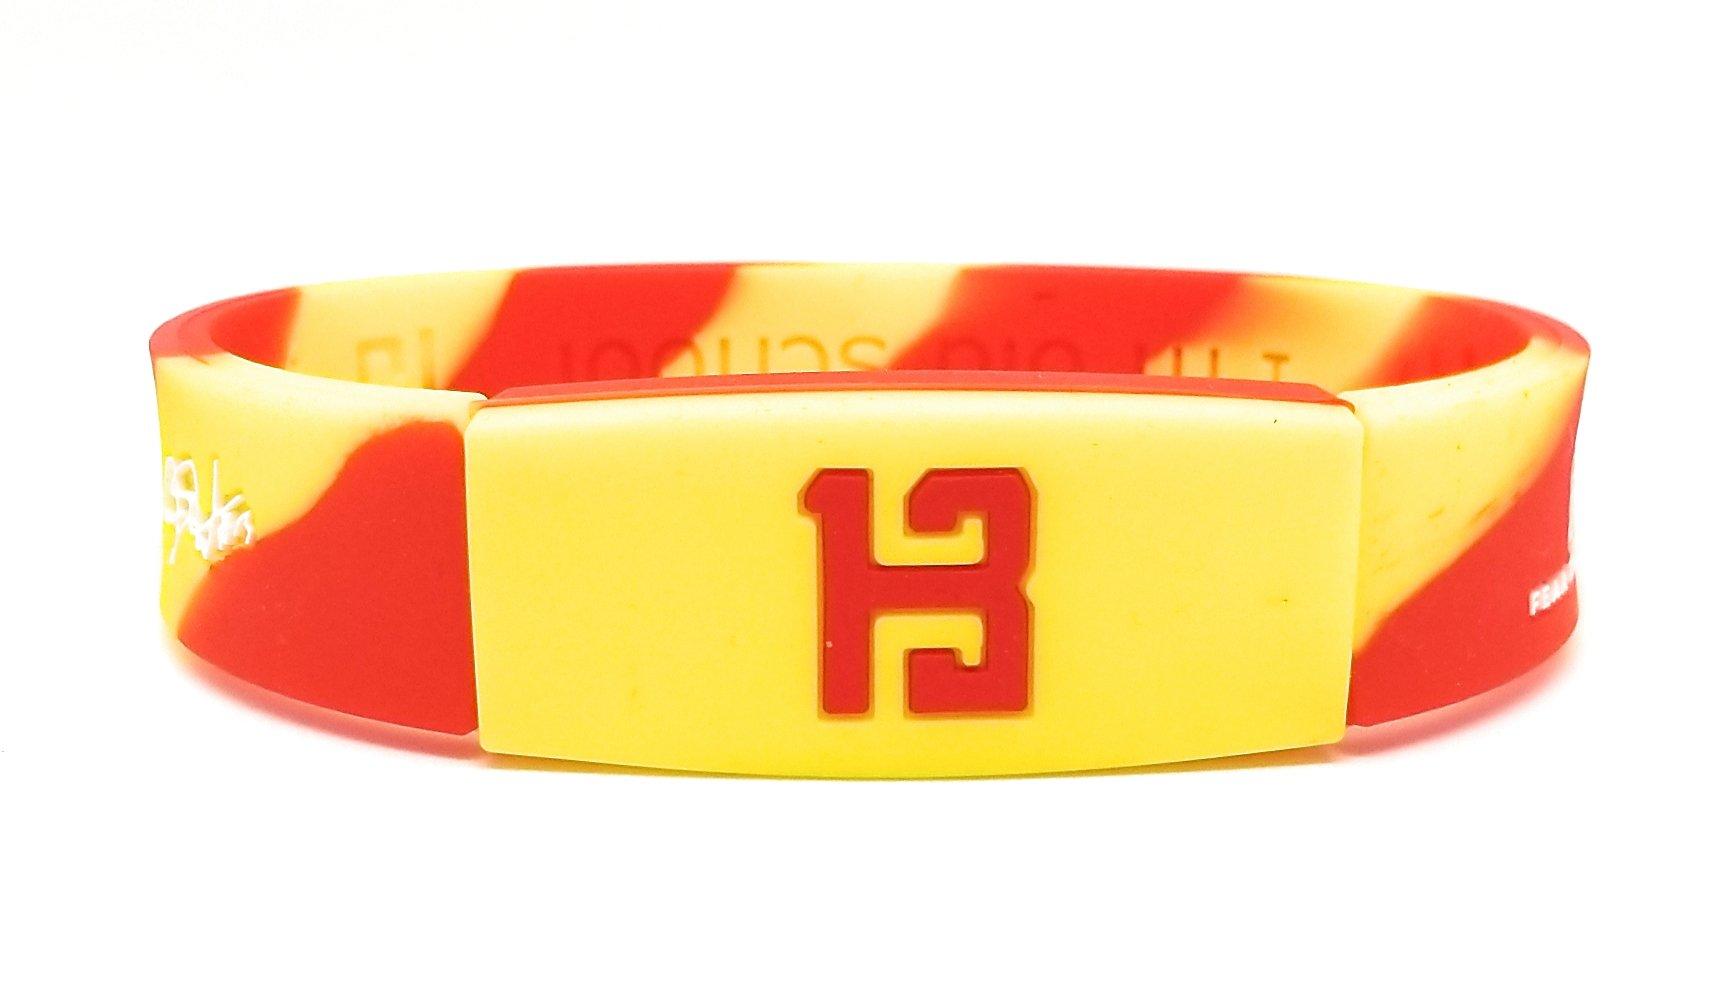 KIDS SportsBraceletsPro REVERSIBLE KIDS Wristband KIDS SIZE 6.7'' Size Bracelet (Harden KID 6.7'' Camo)